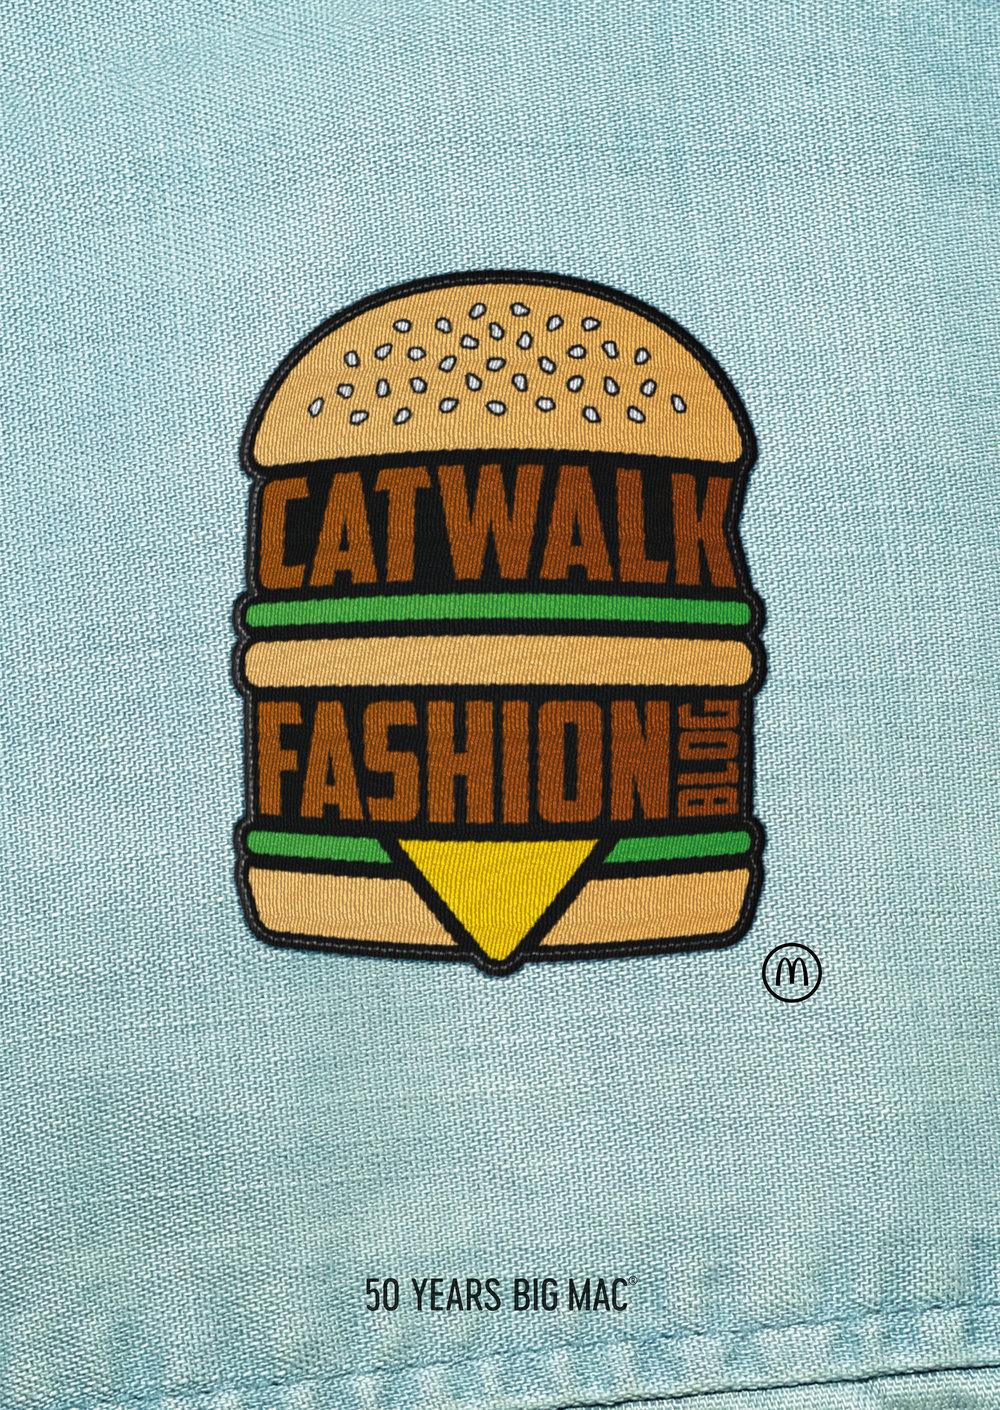 19_Catwalk:FashionBlog.jpg